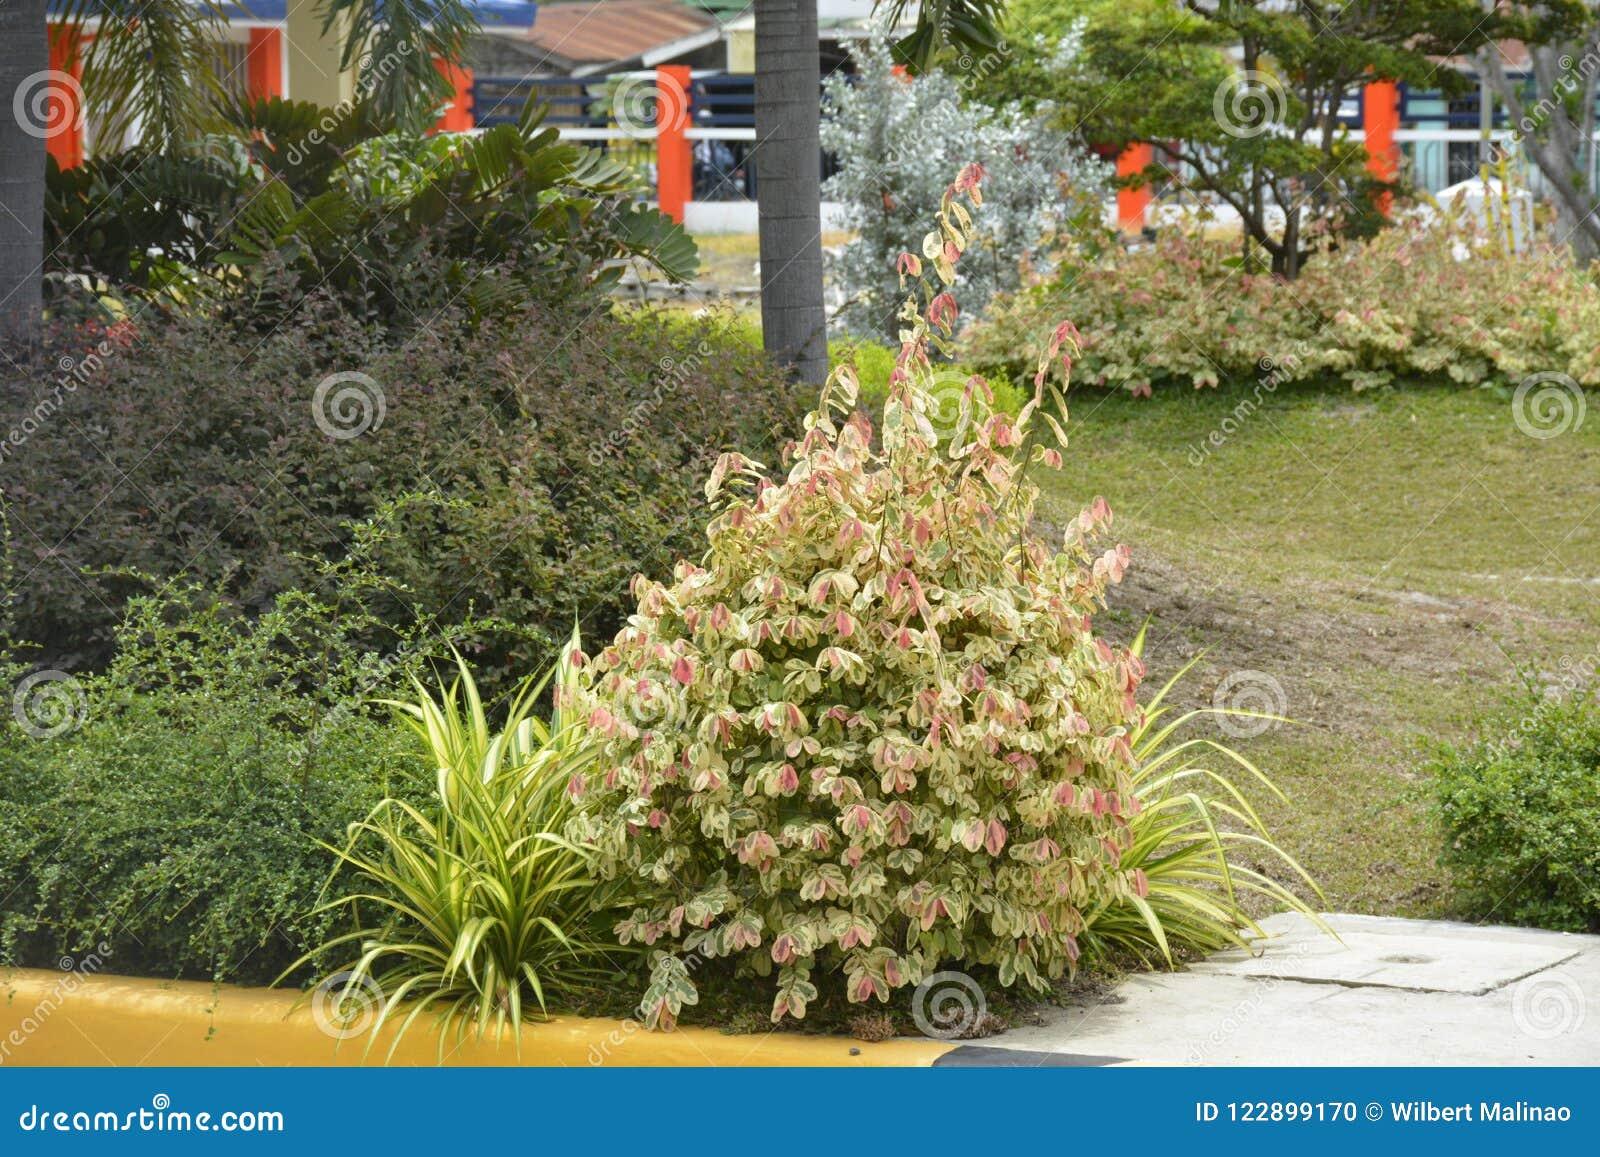 Rośliny w przesłankach DPWH biuro, Digos miasto, Davao Del Sura, Filipiny